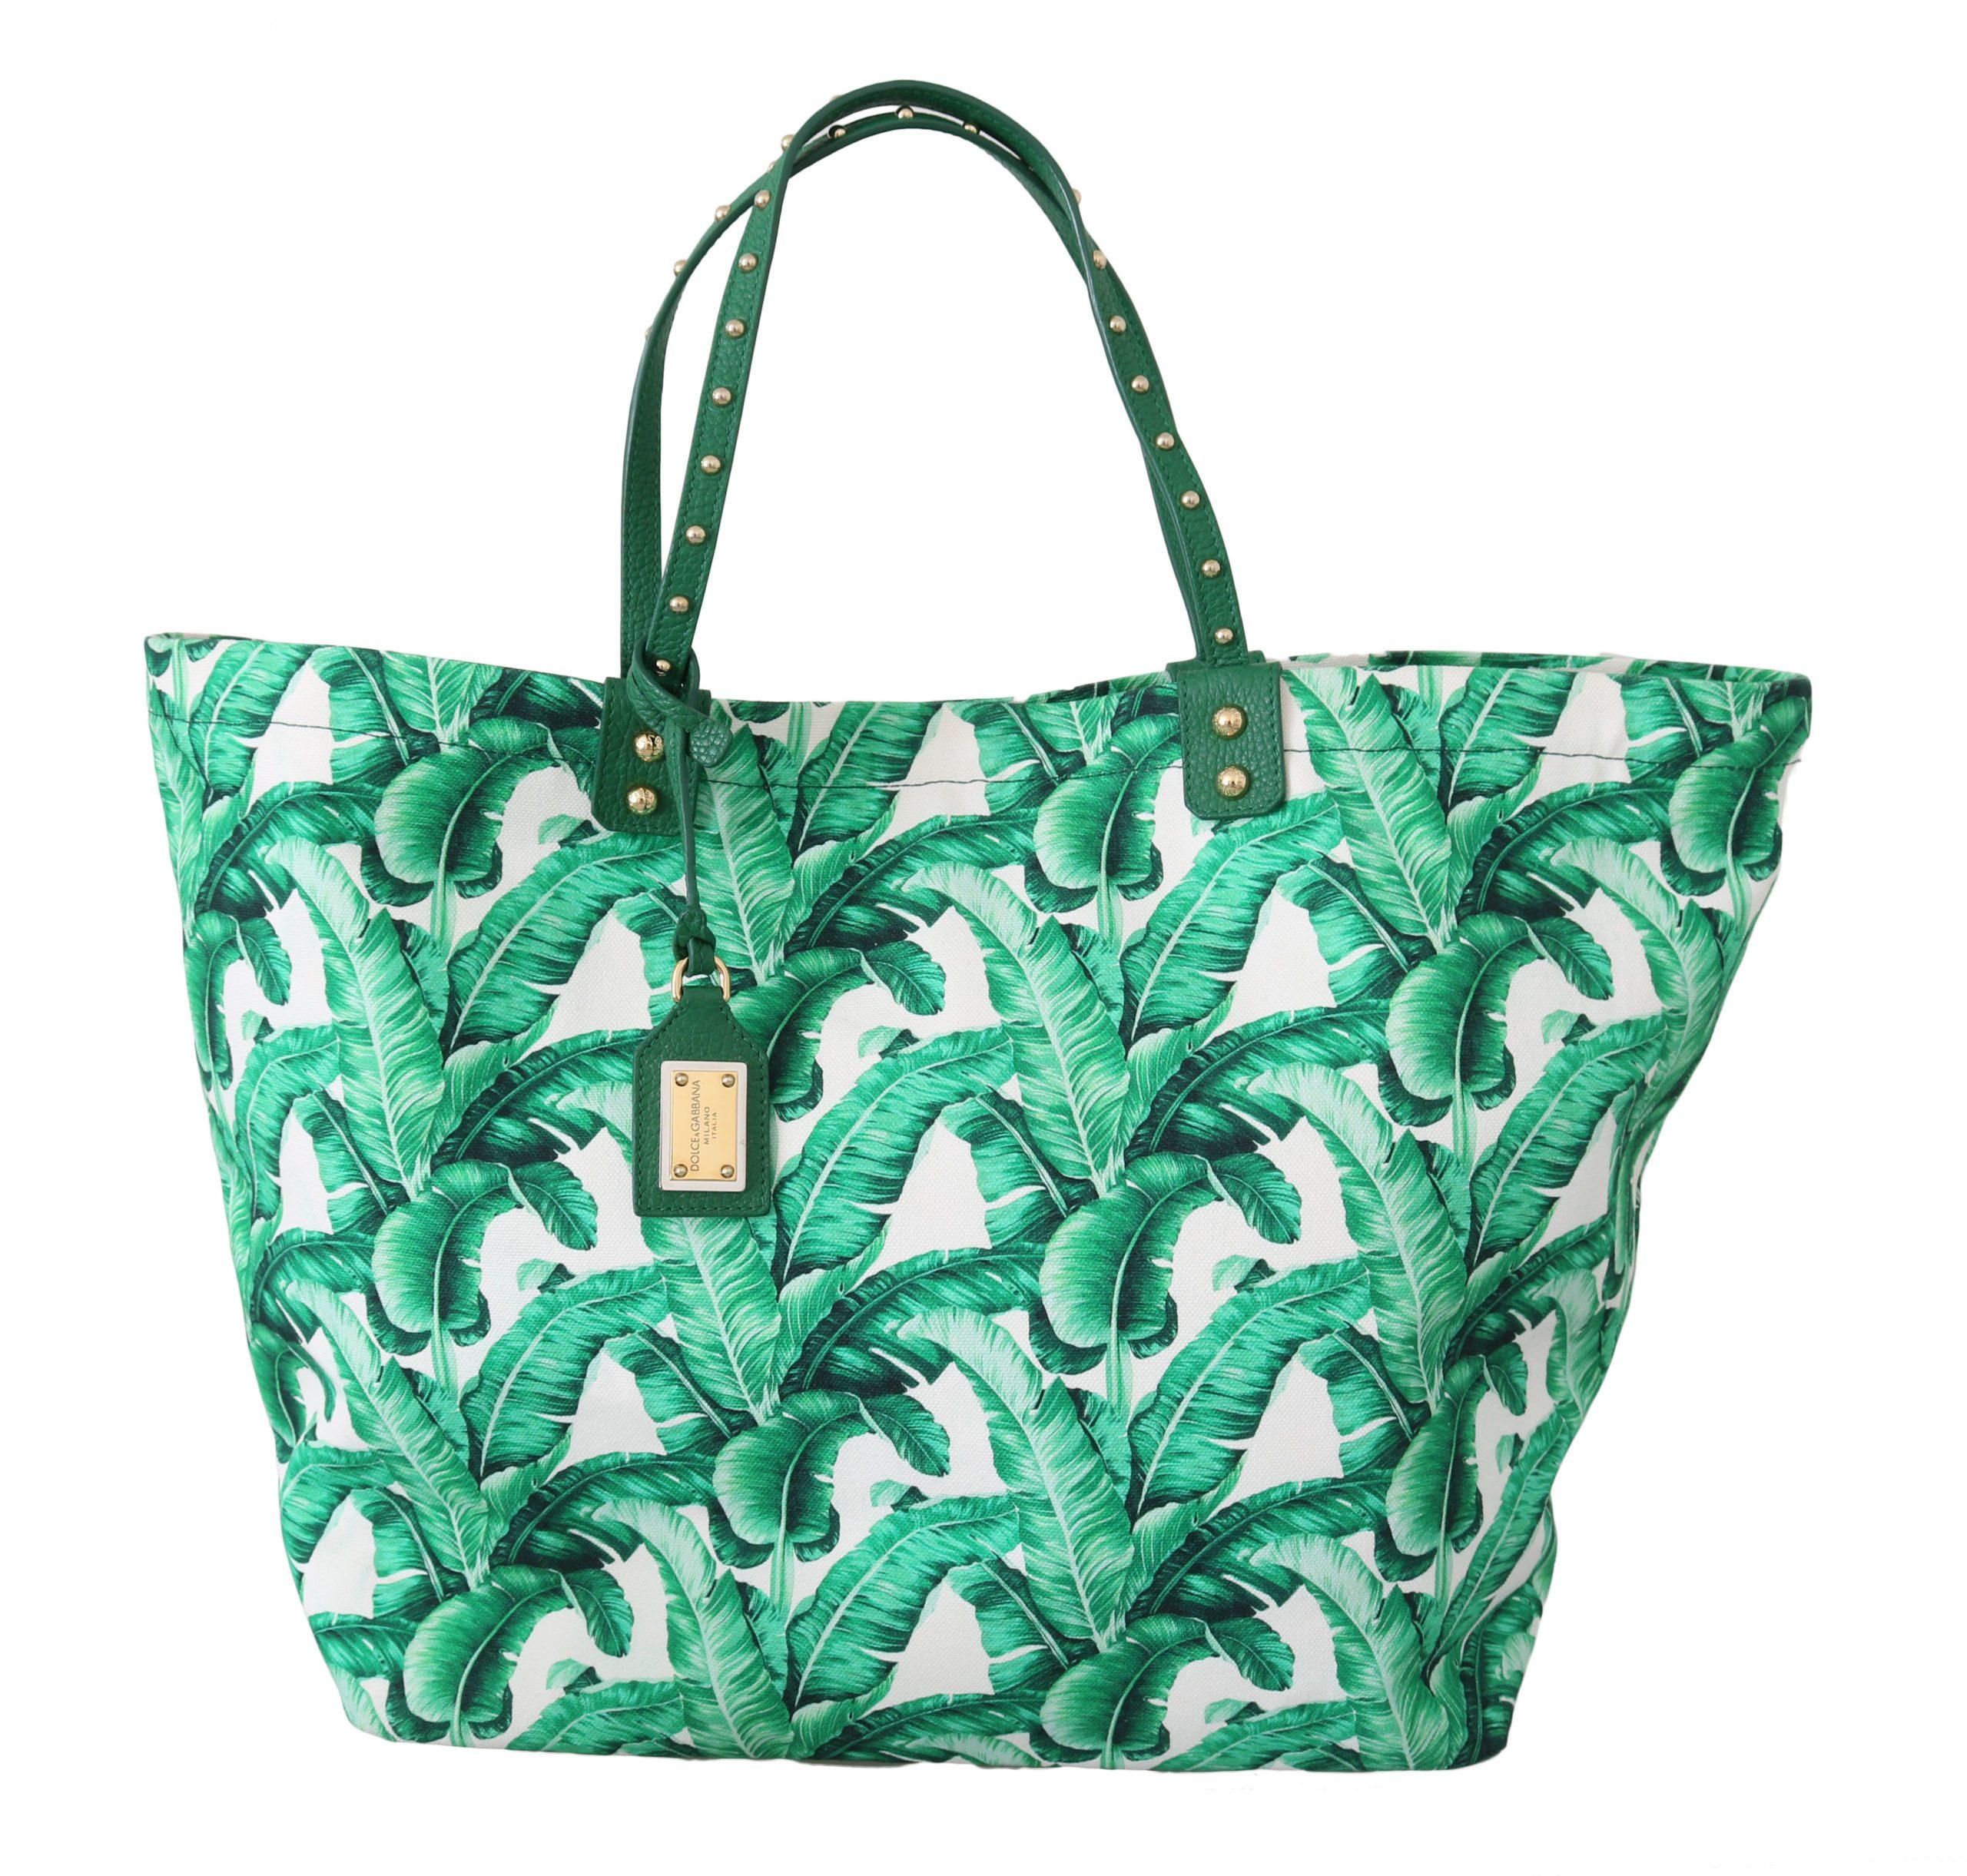 Dolce & Gabbana Women's Banana Leaves Shopping Tote Bag Green VAS8708